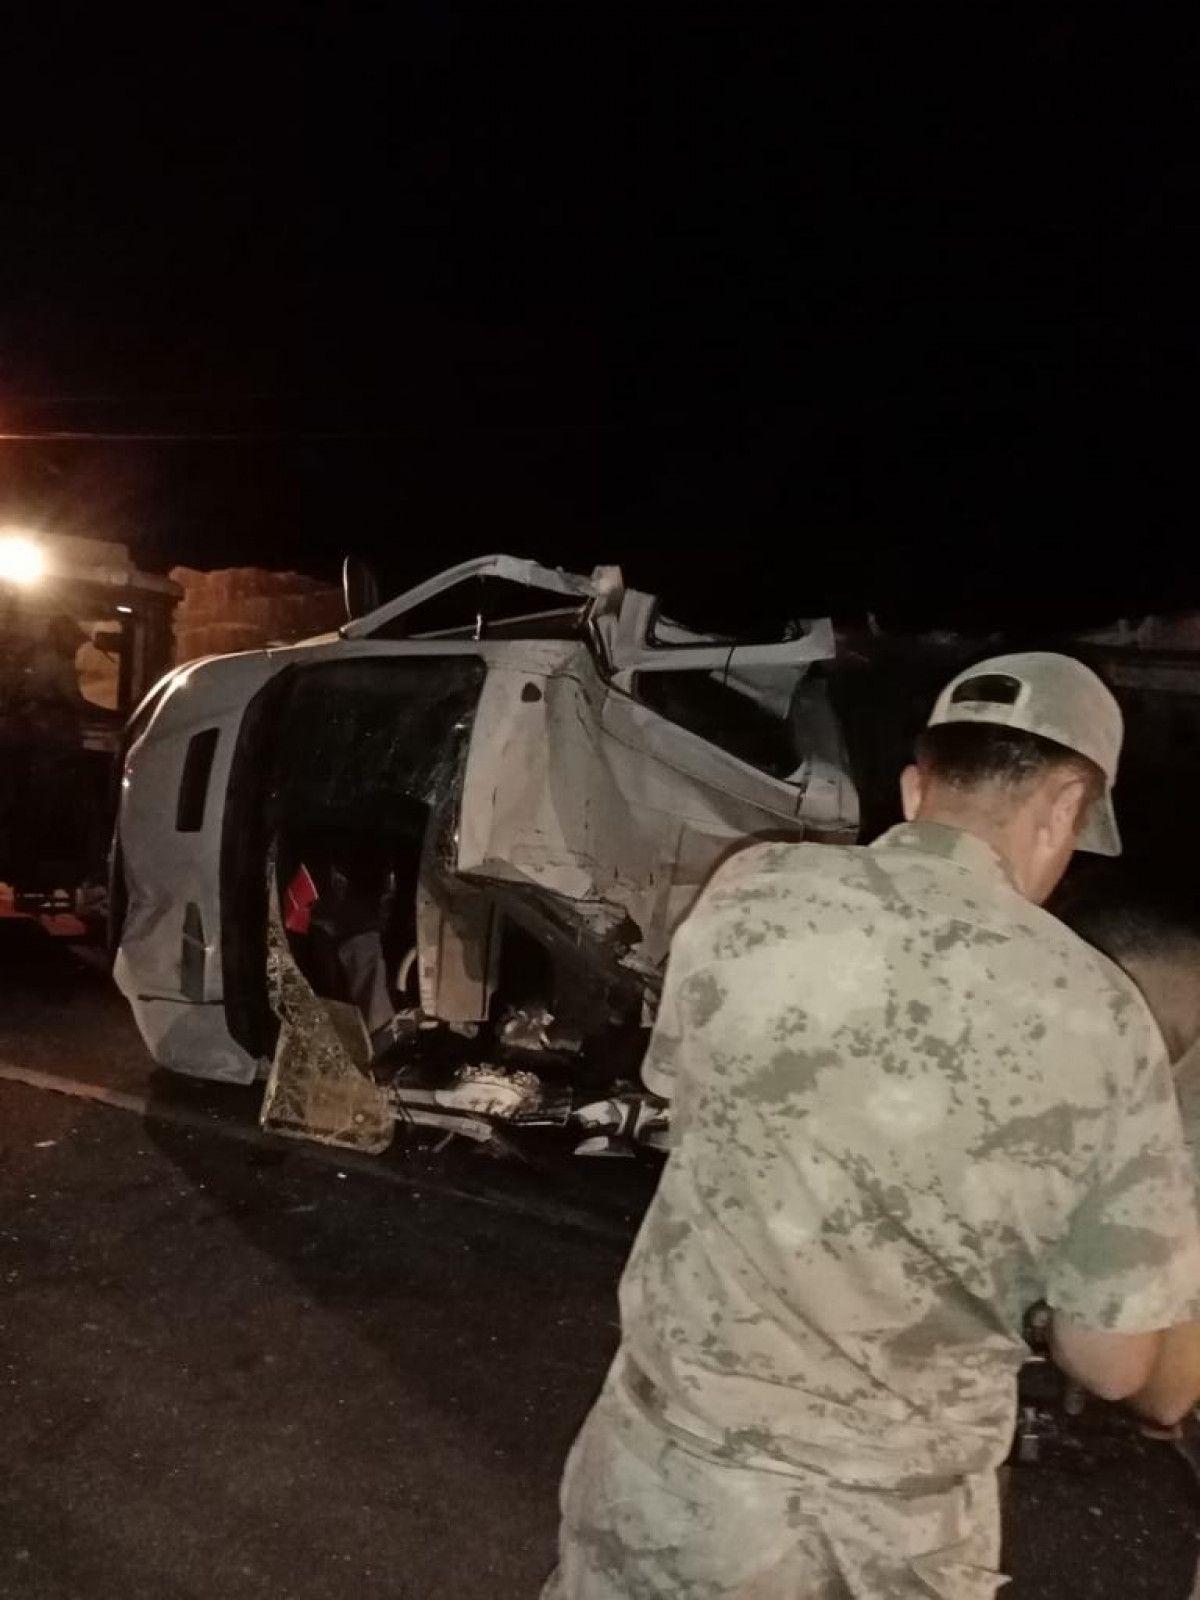 Iğdır'da kaza: 1 ölü, 1 yaralı #4